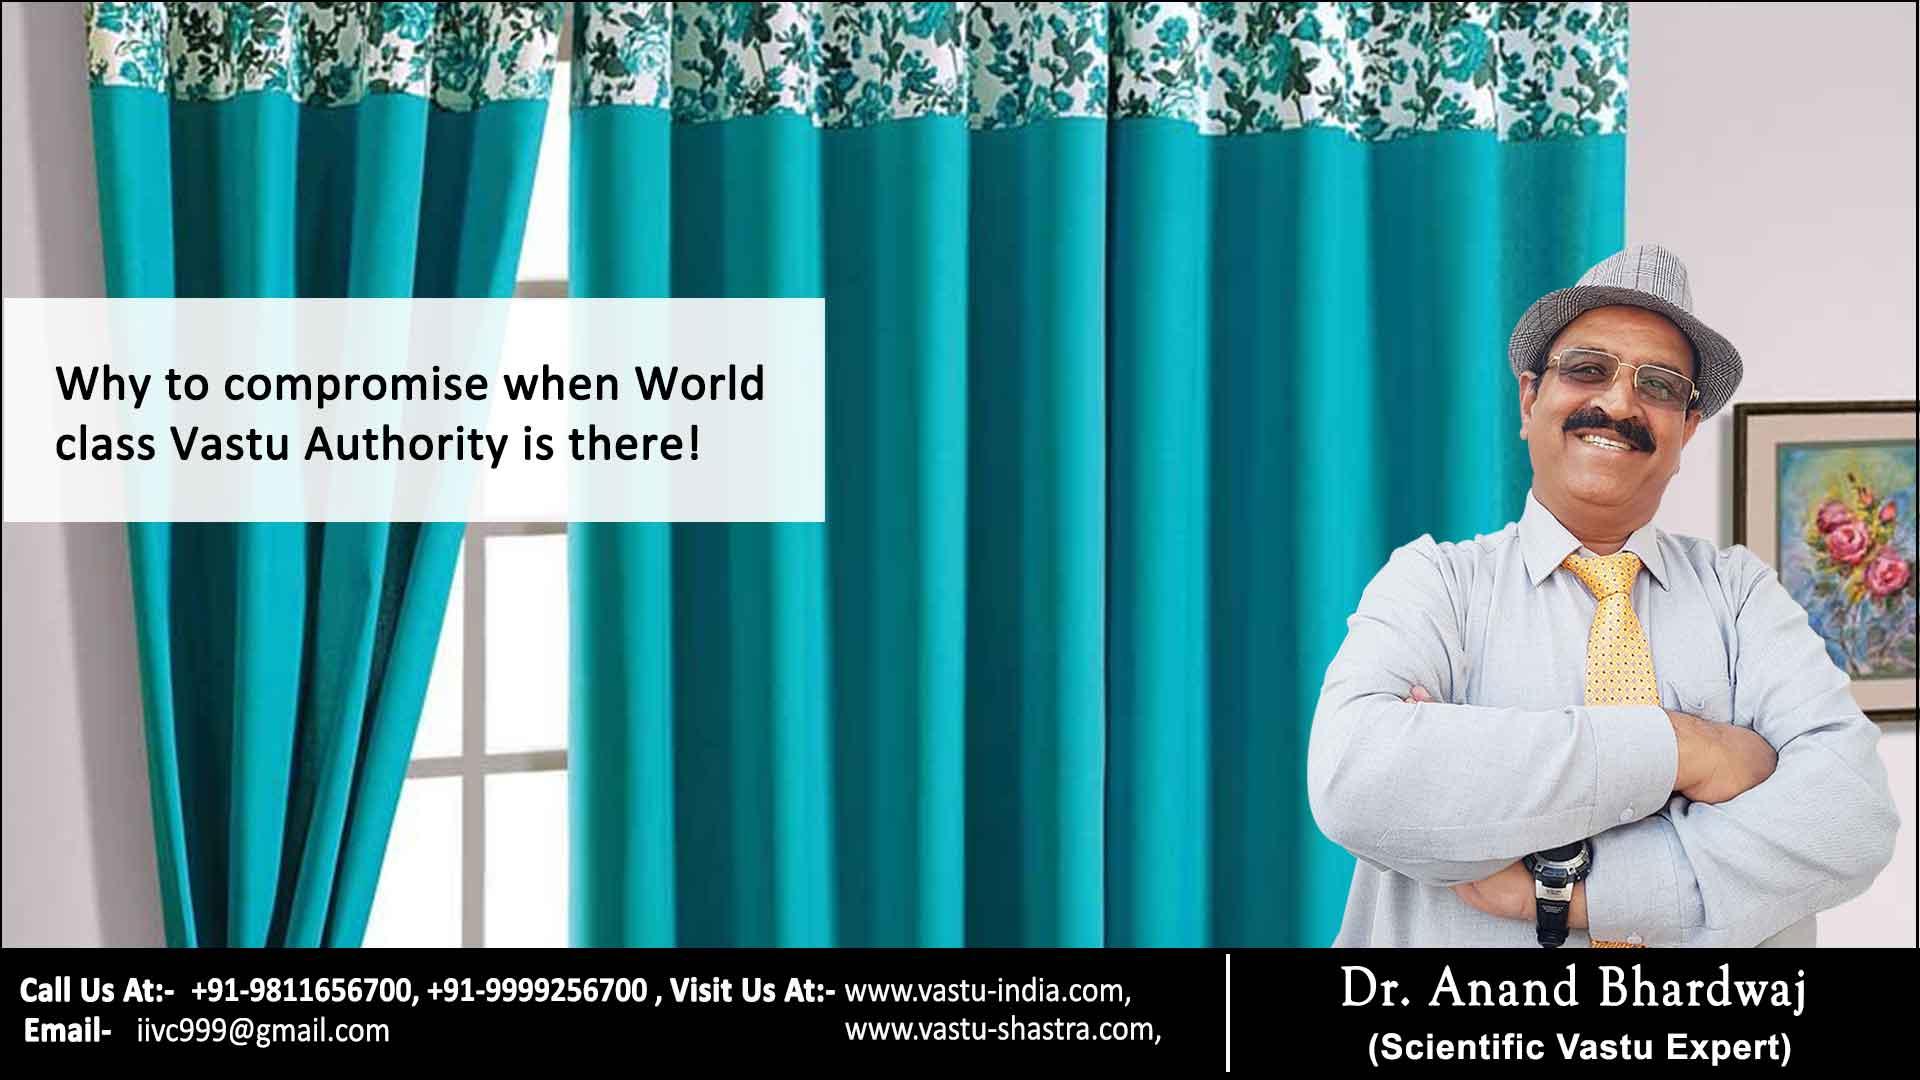 dr anand bhardwaj different : Vastu consultant in Delhi- 9811656700 ...